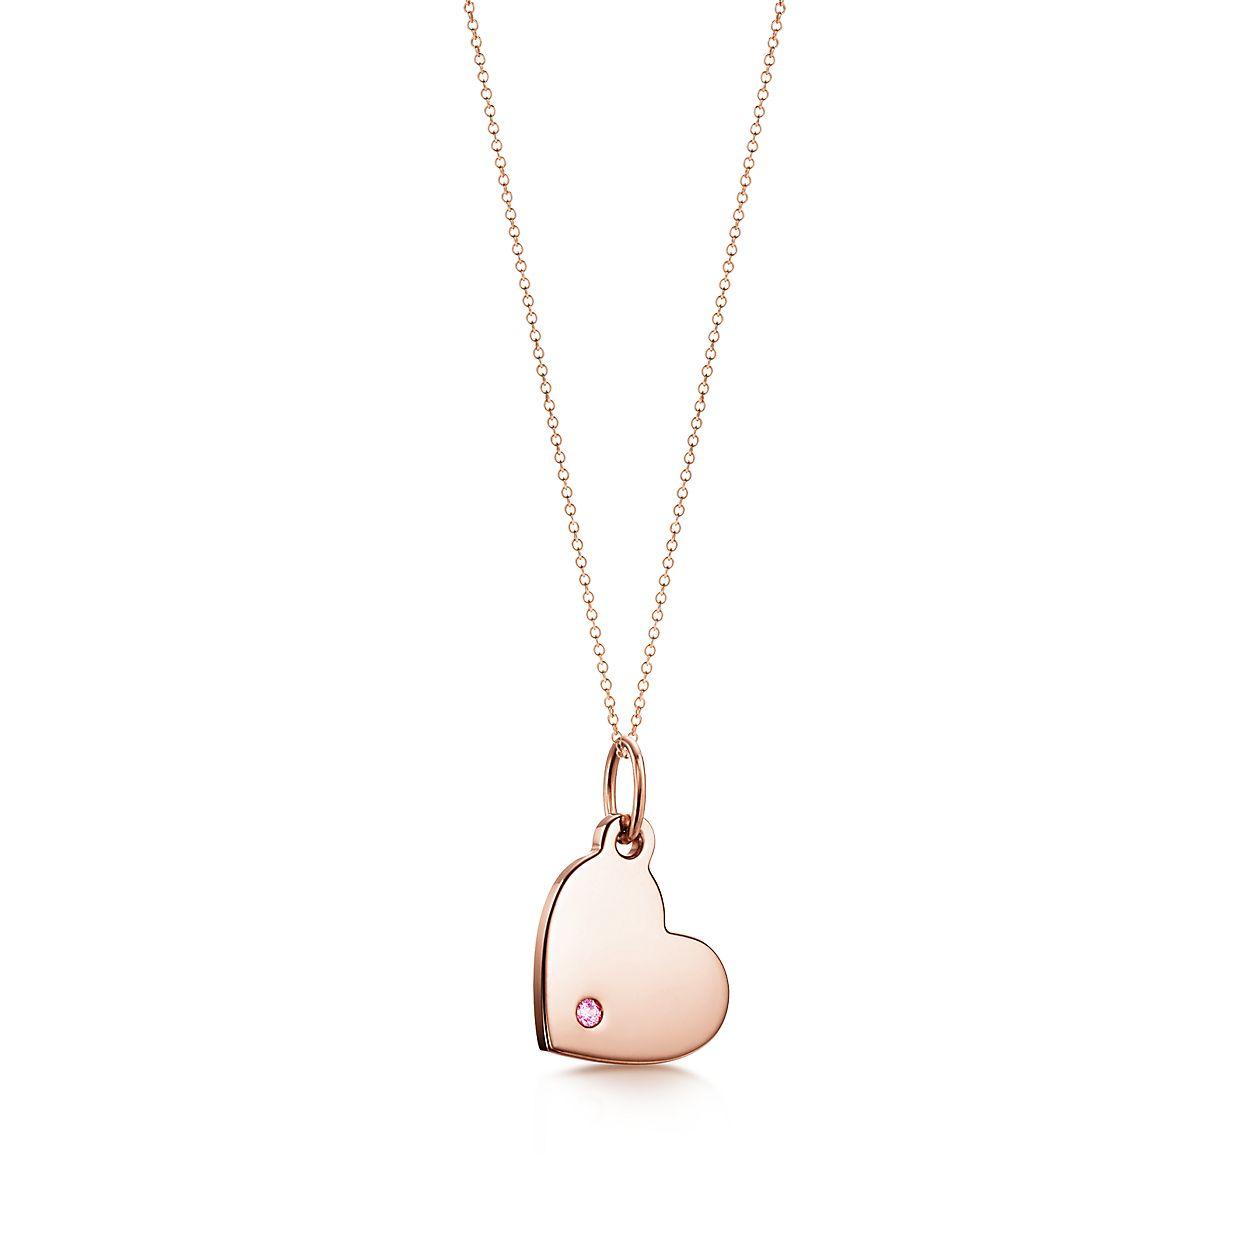 Plaque en cœur Breloques Tiffany en or rose 18 carats avec saphir ... a8c2fbf81dc3